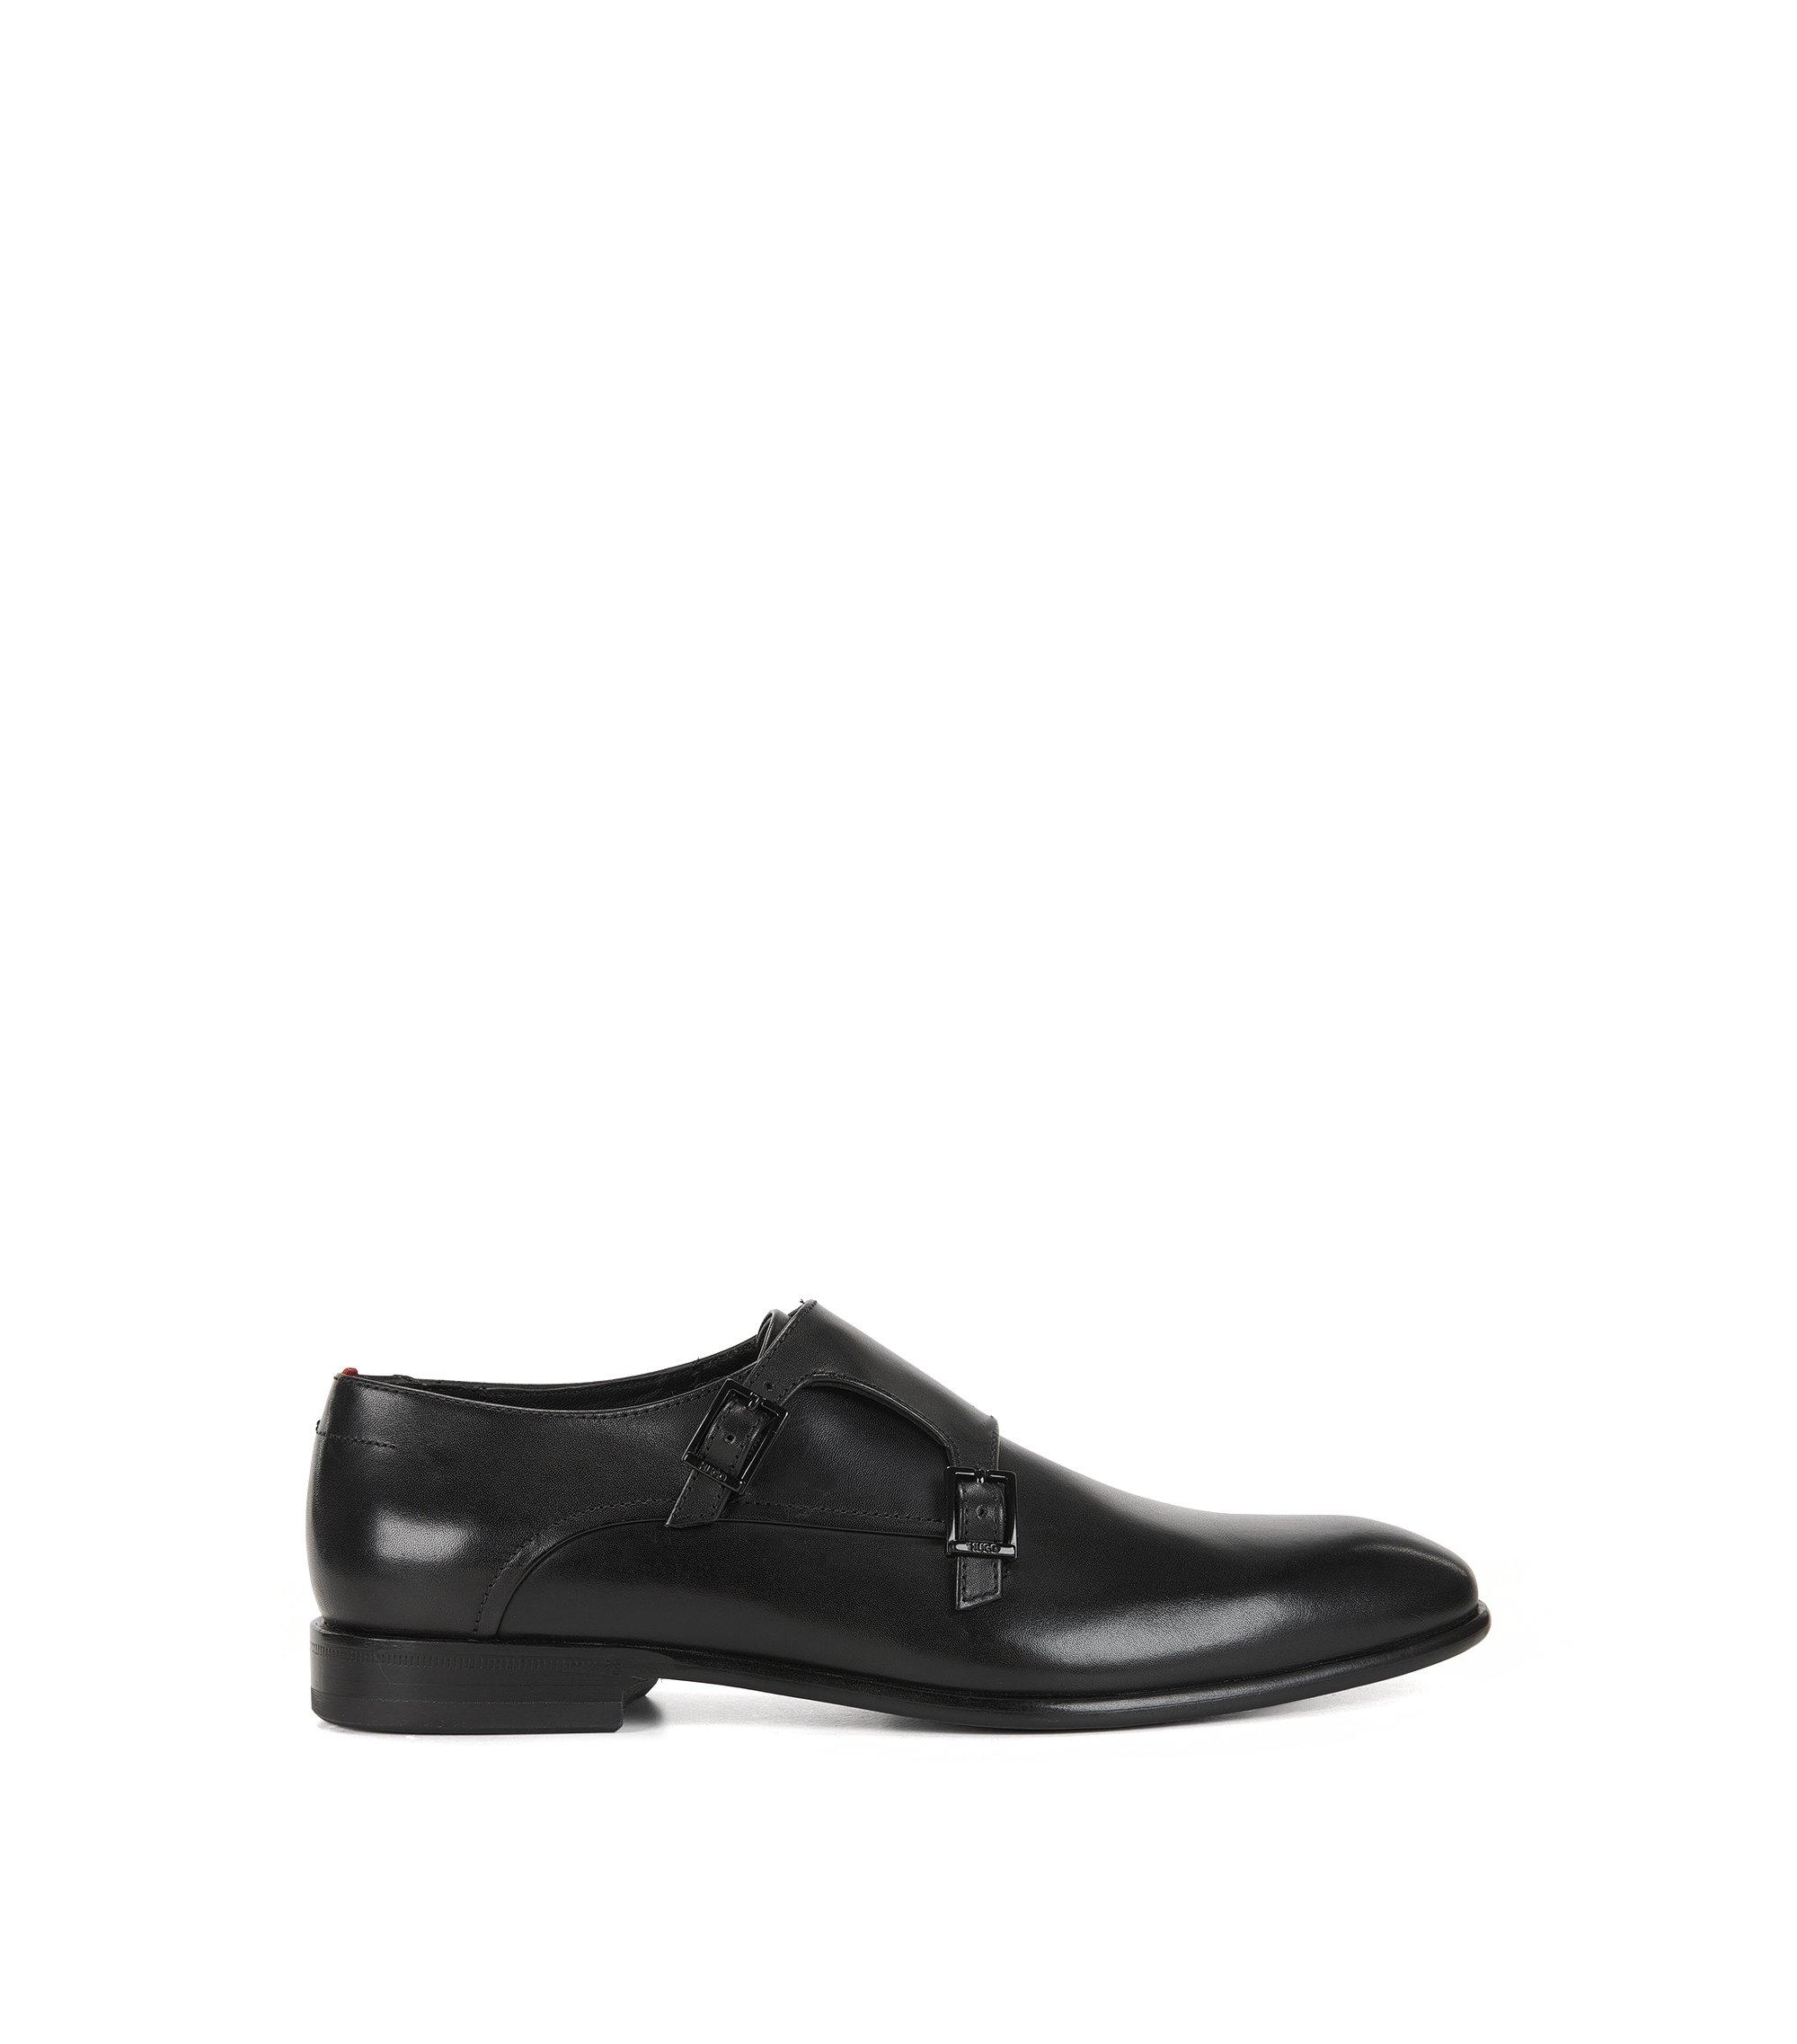 Leather Double Monk Strap Dress Shoe | Dressapp Monk BU, Black